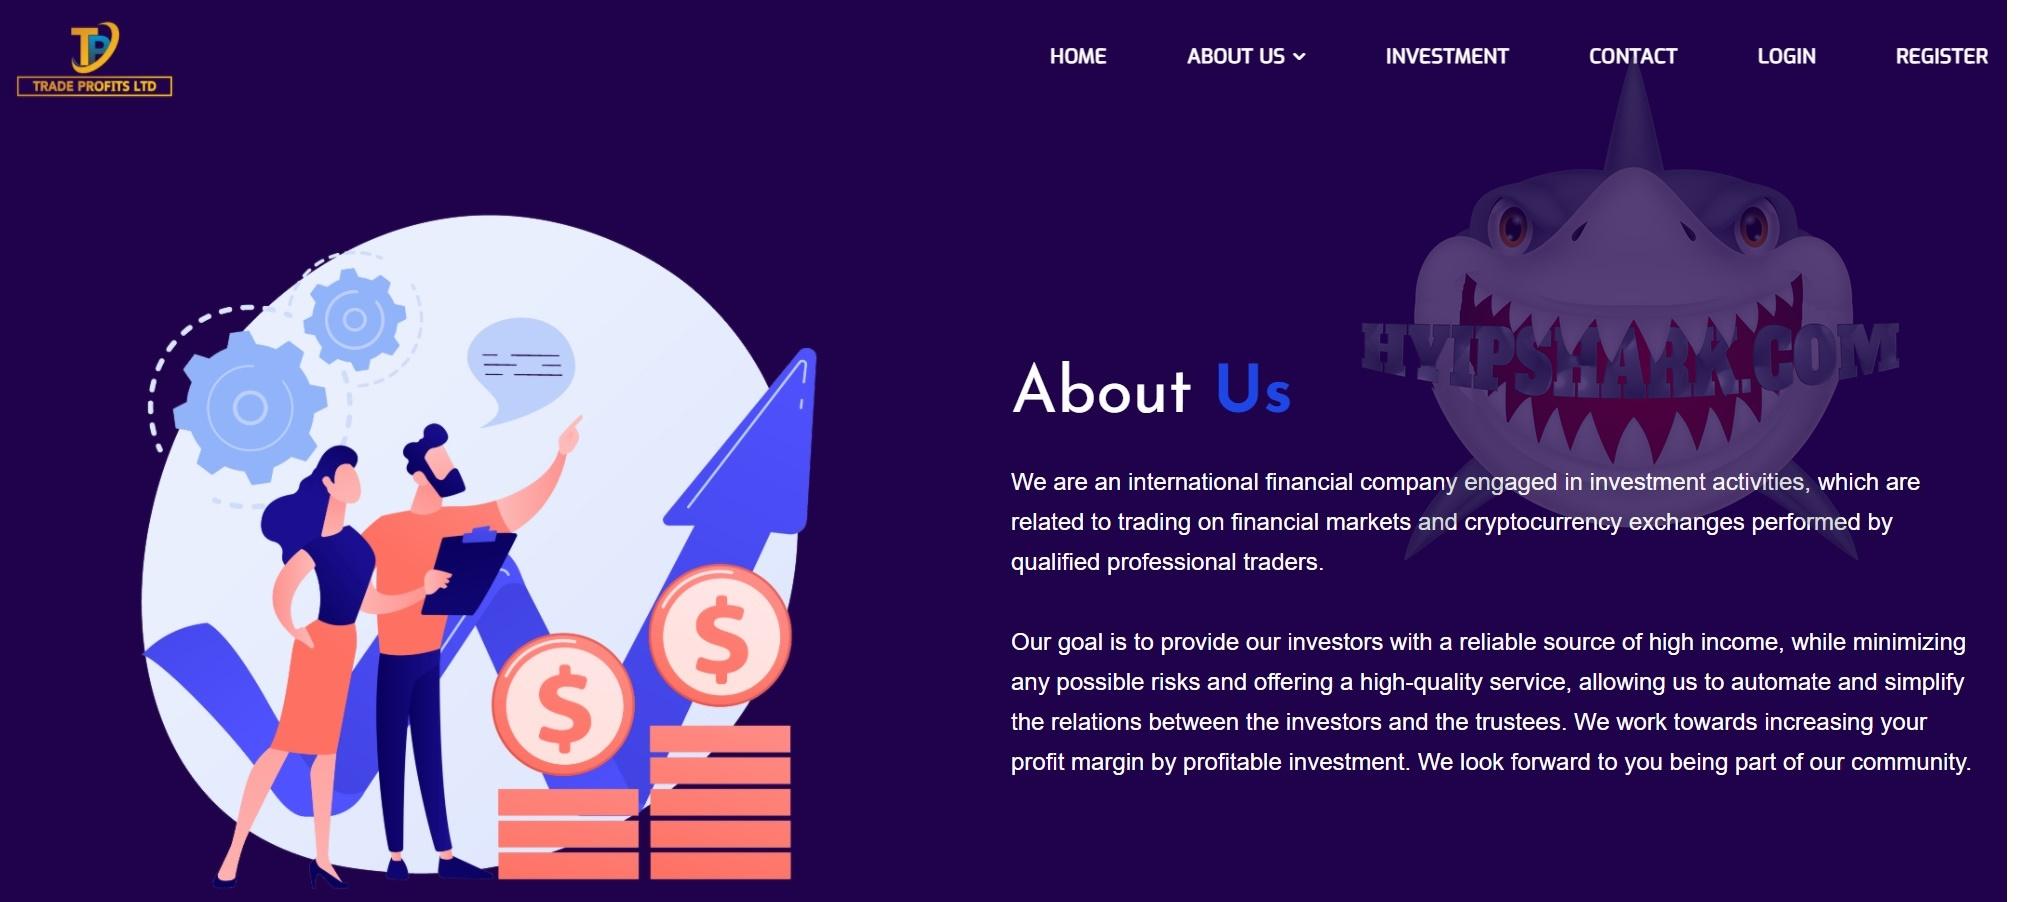 review hyip : tradeprofitltd.com